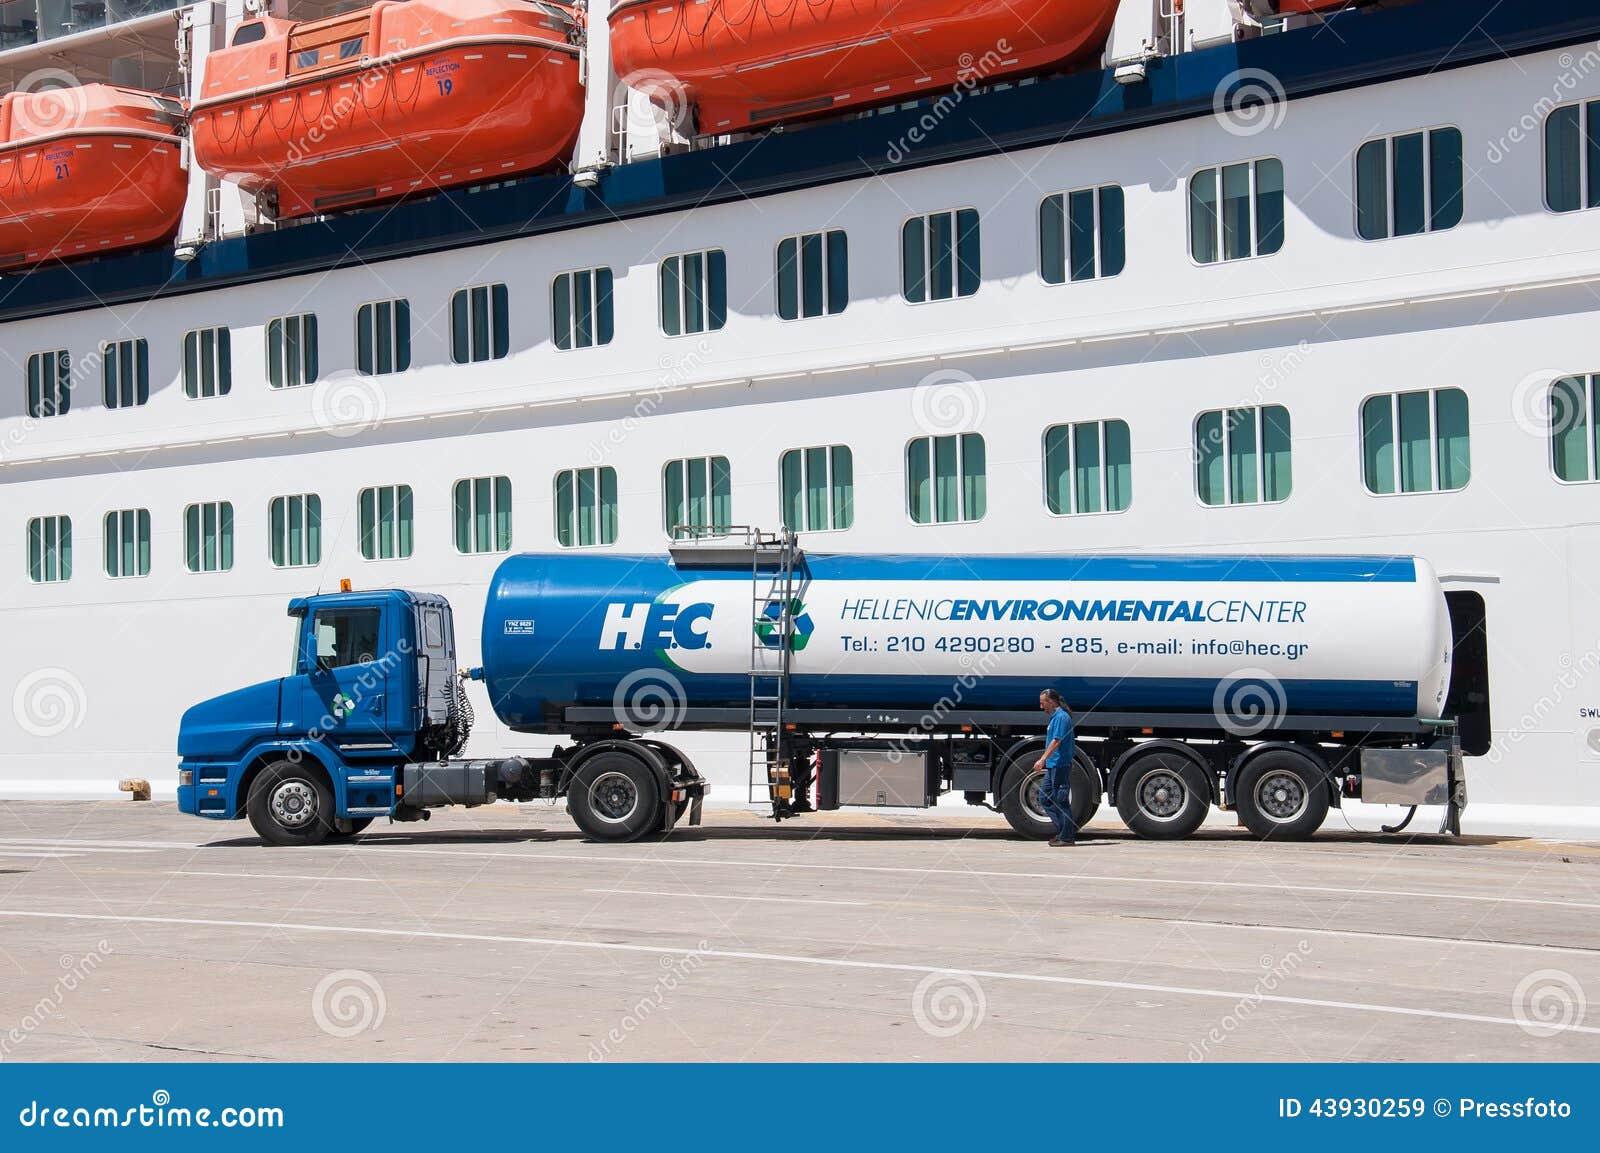 Cruise Ship Size Comparison, Dimensions | CruiseMapper